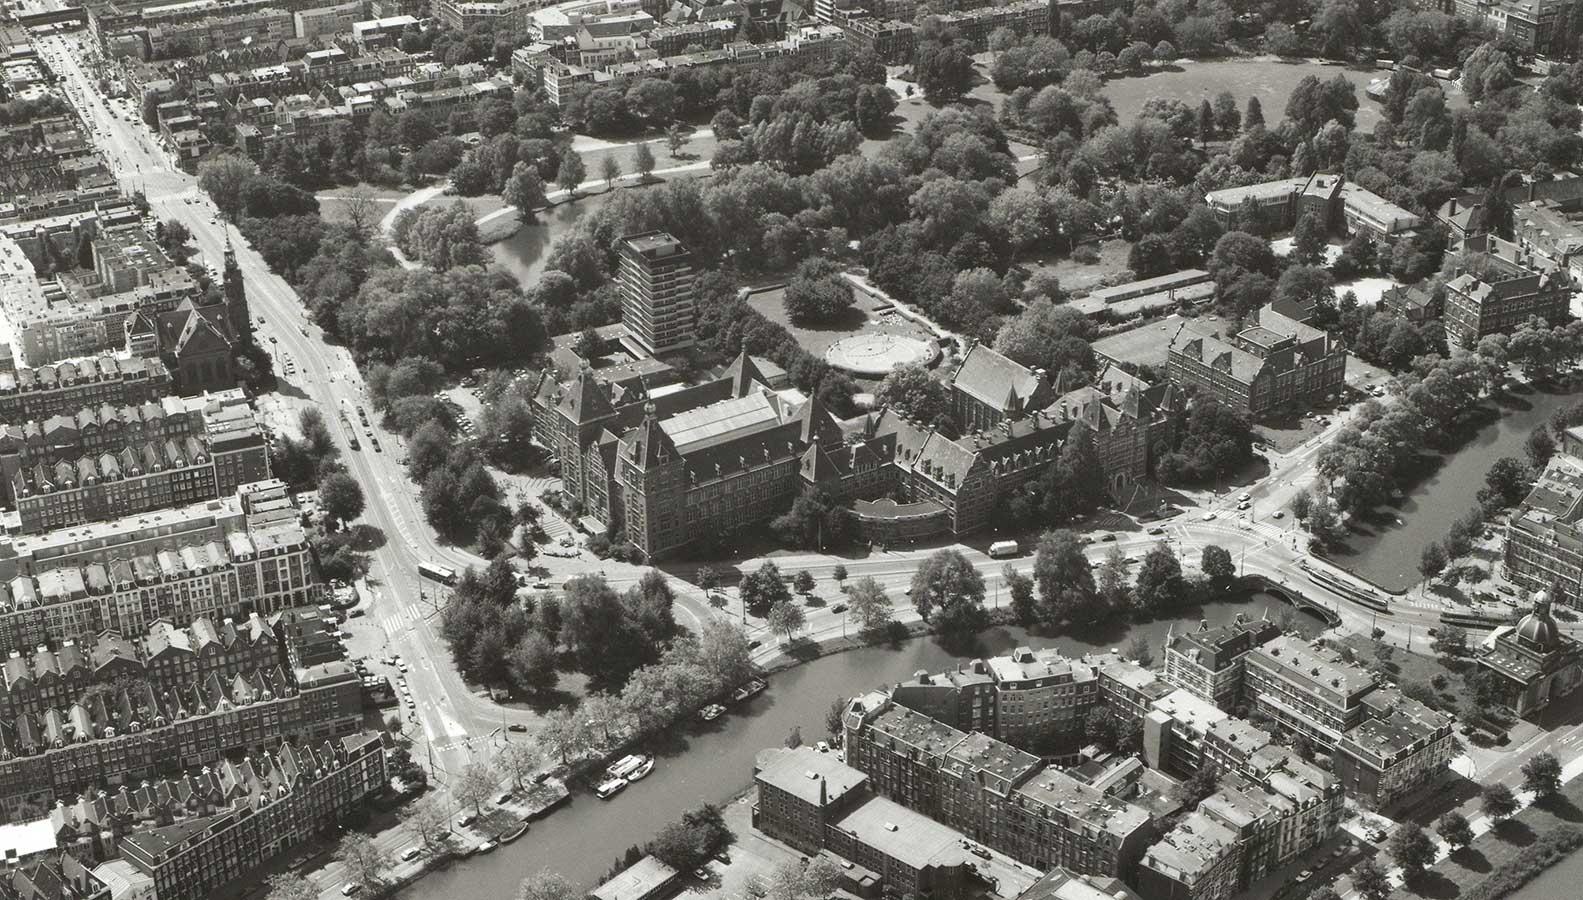 Luchtfoto KIT in Noord-westelijke richting geschoten met op voorgrond nog stuk Alexanderkade en helemaal rechtsonder de Muiderpoort.